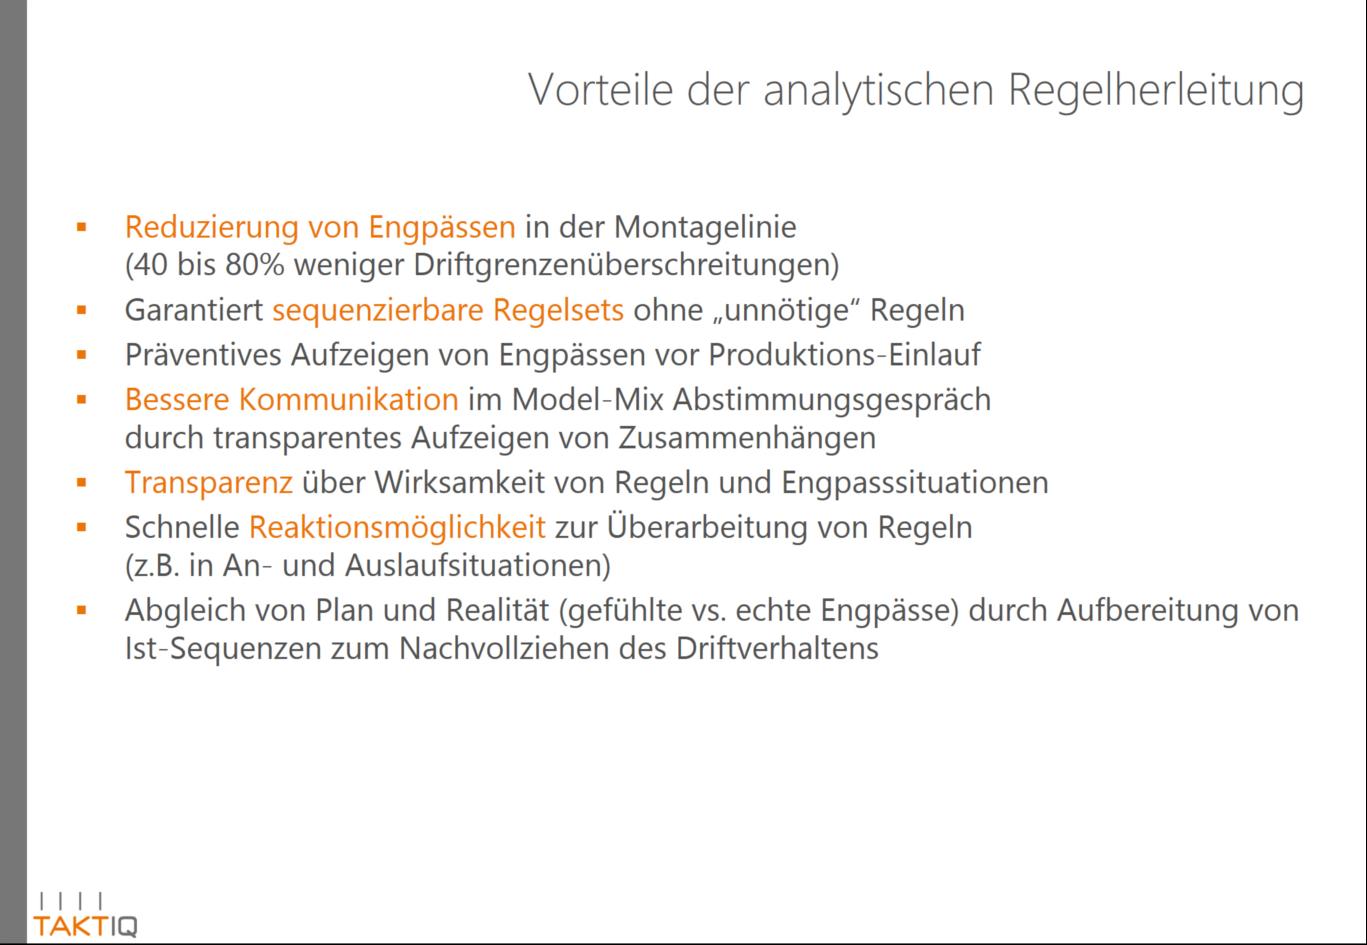 Vorteile der analytischen Regelherleitung